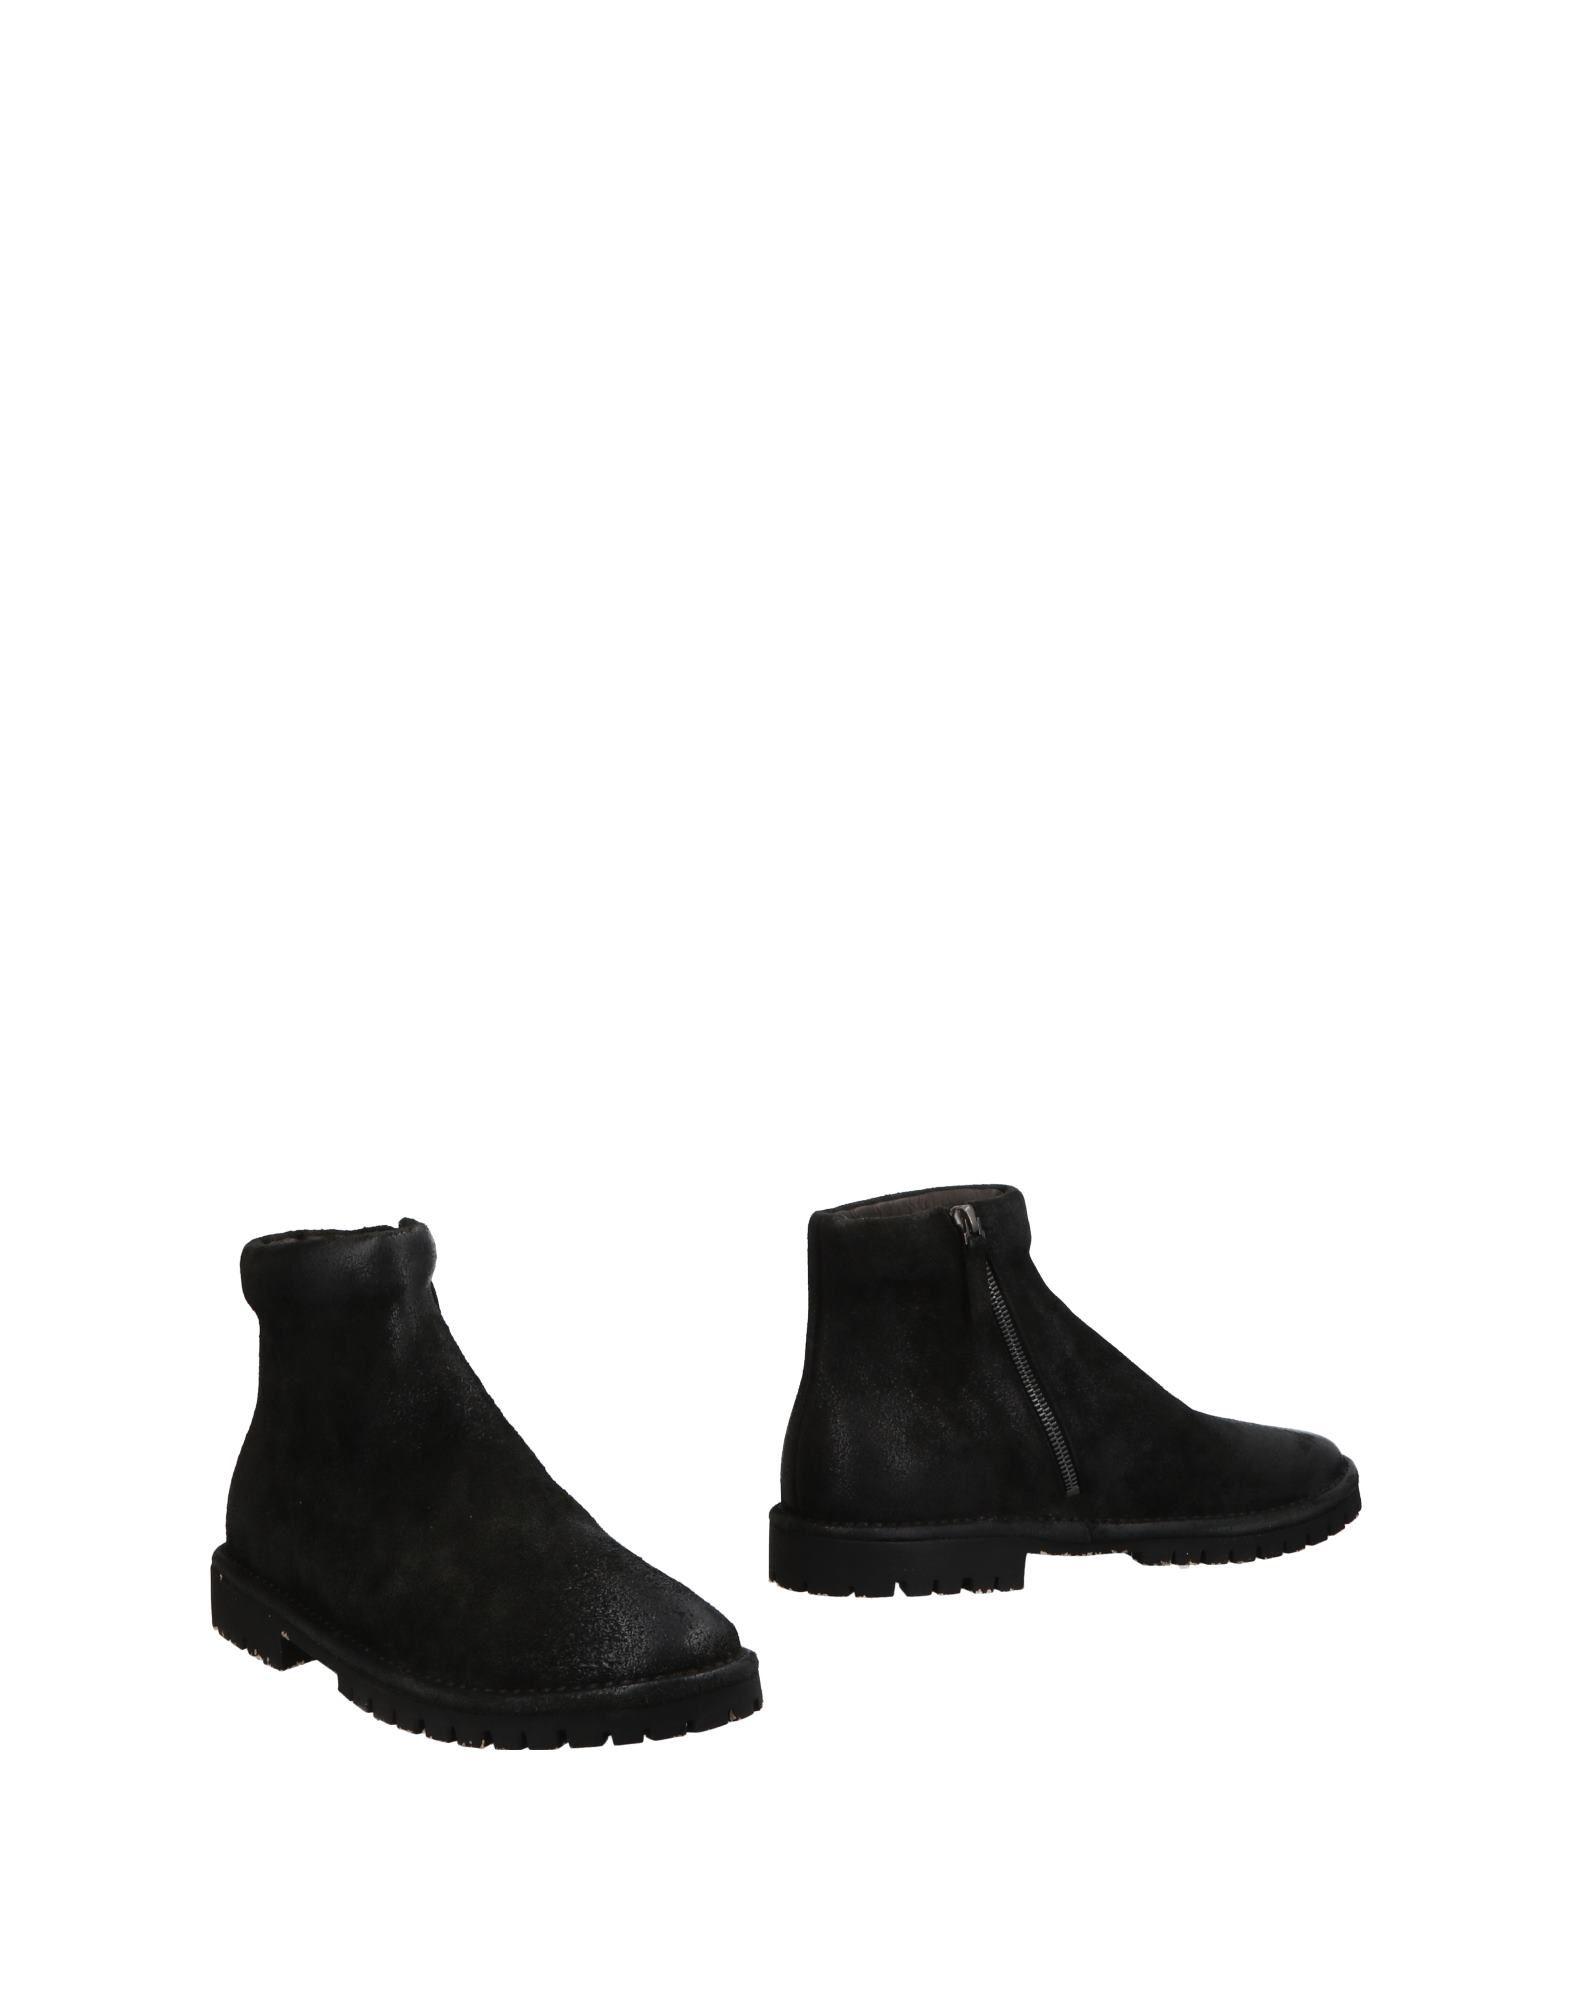 Marsèll Stiefelette Herren  Schuhe 11496439WX Gute Qualität beliebte Schuhe  4f500e